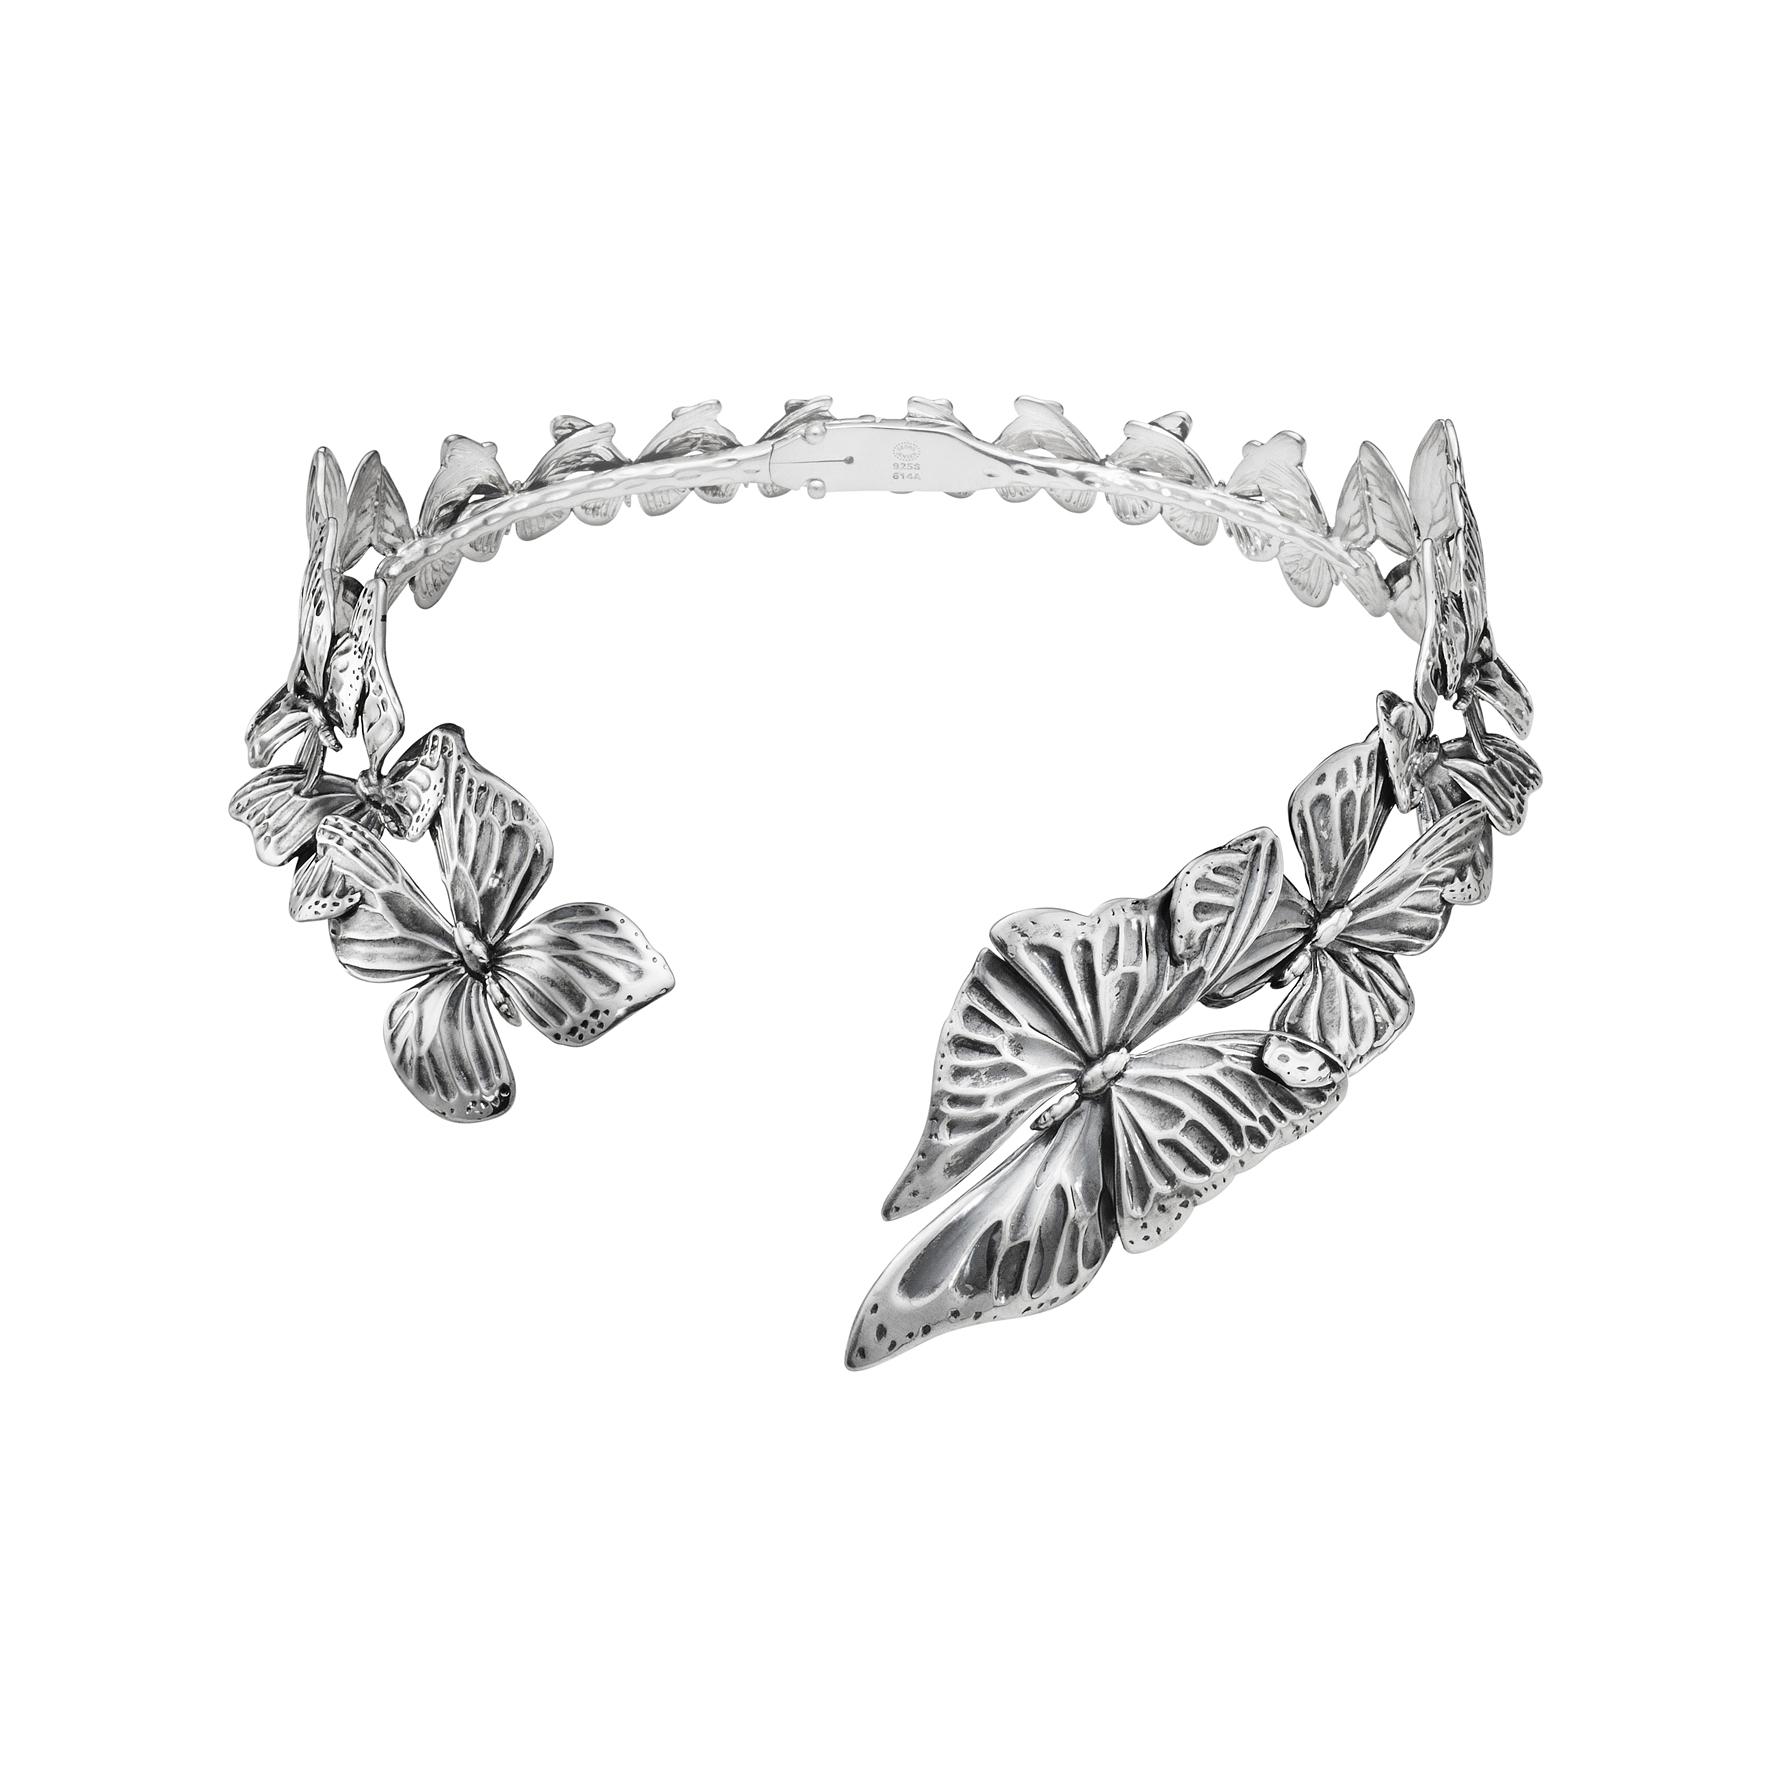 ASKILL 項圈 - 氧化純銀建議售價73,900